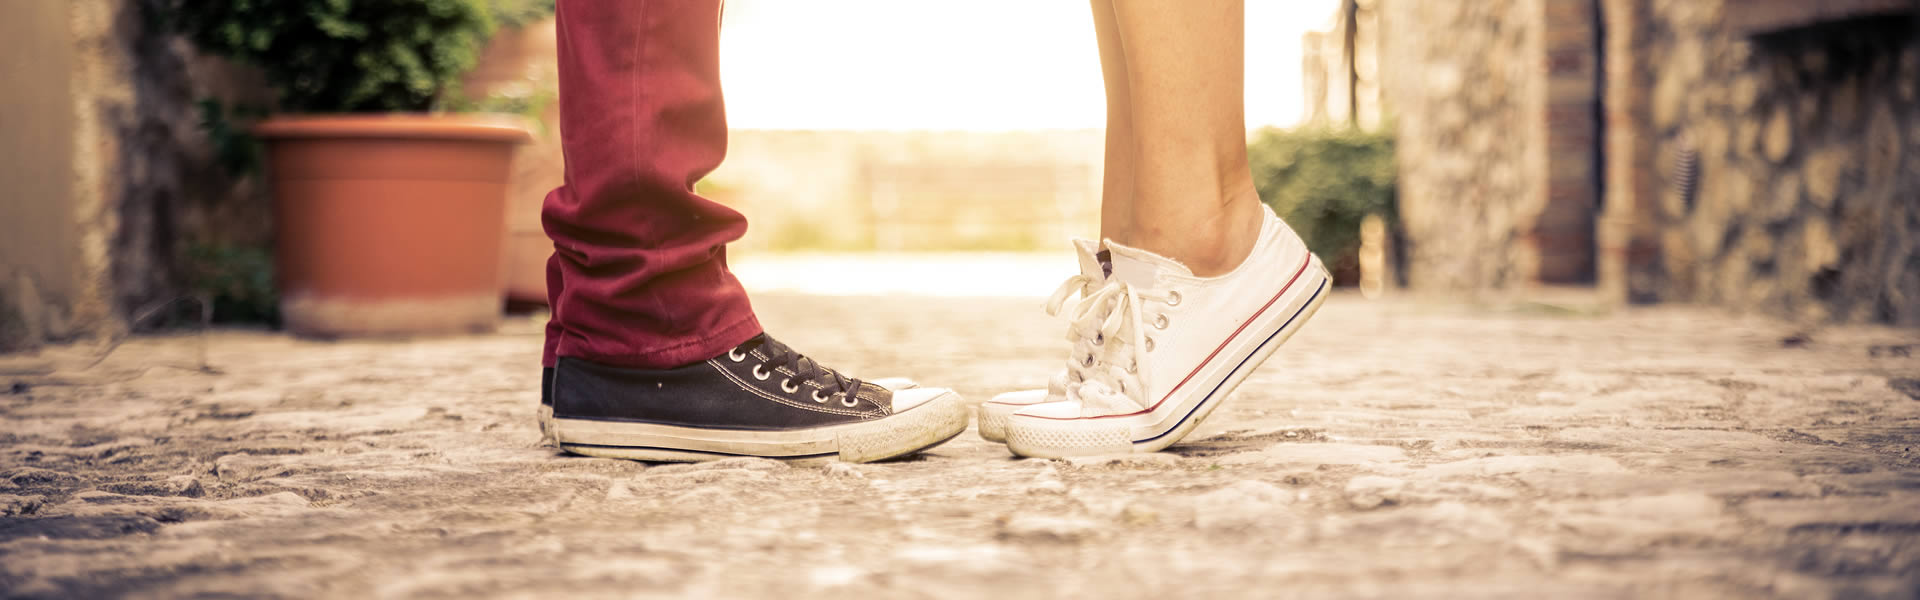 Scarpe e calzature per tutte le età a Torino